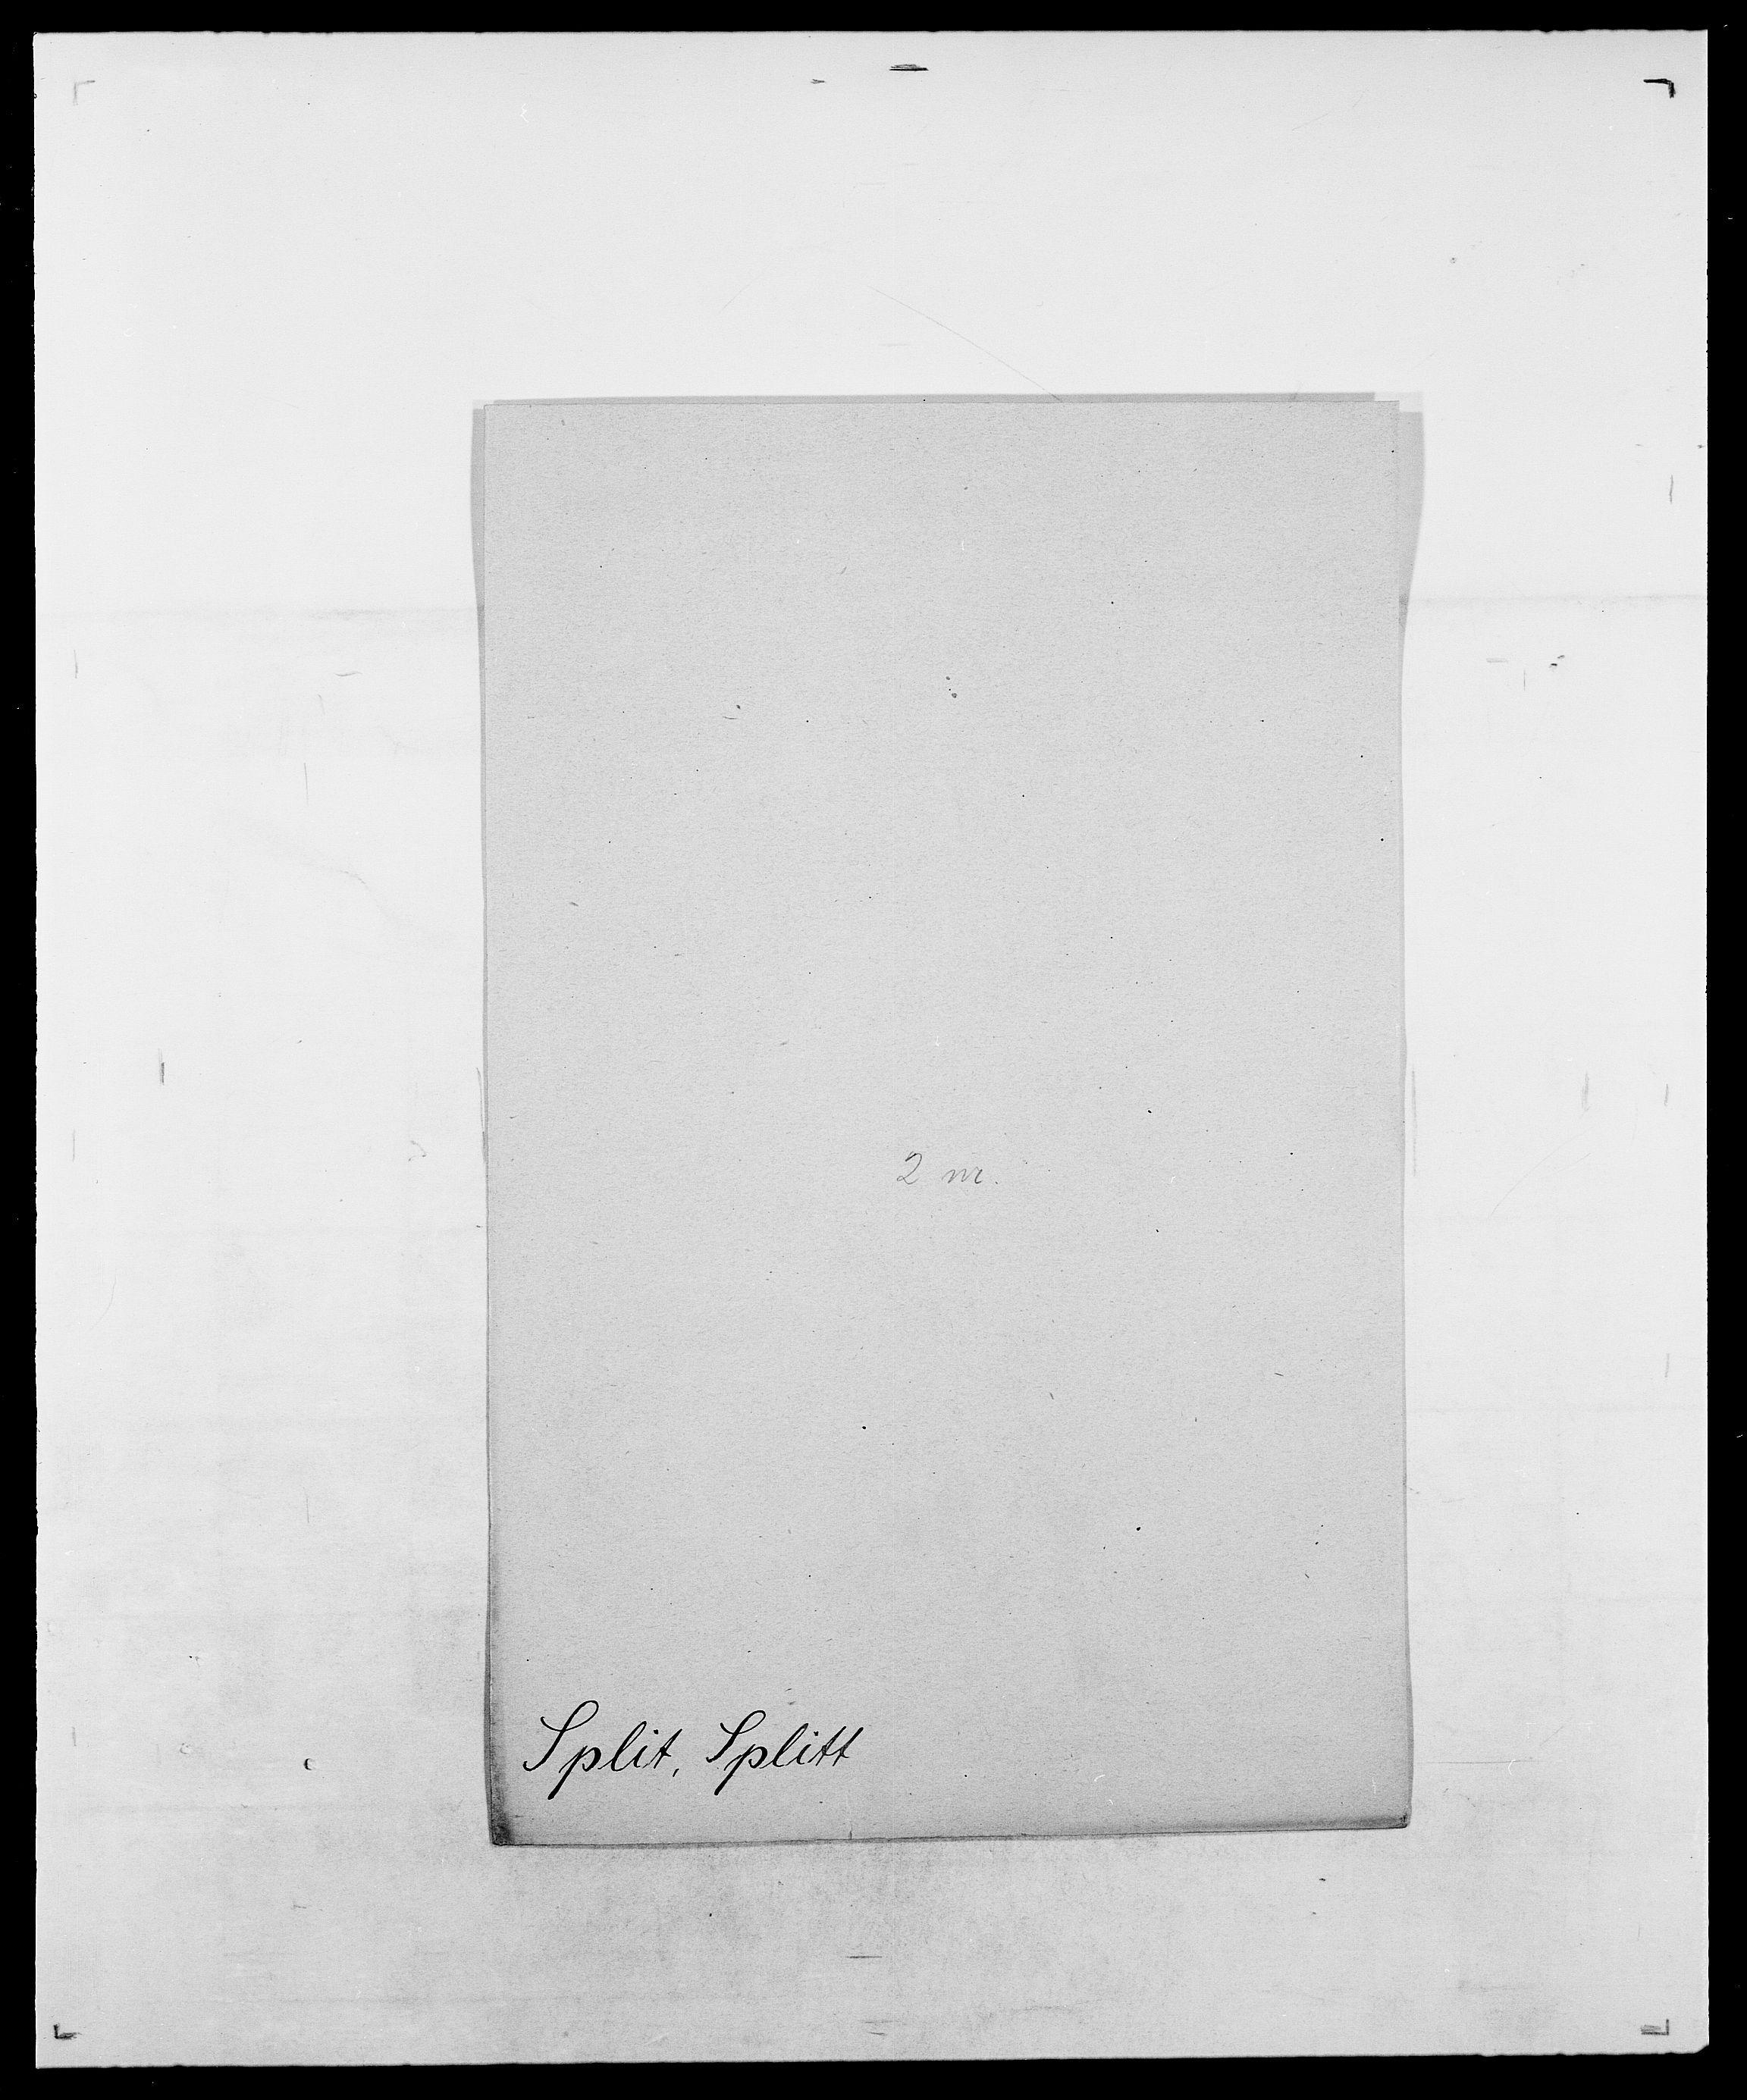 SAO, Delgobe, Charles Antoine - samling, D/Da/L0036: Skaanør - Staverskov, s. 573